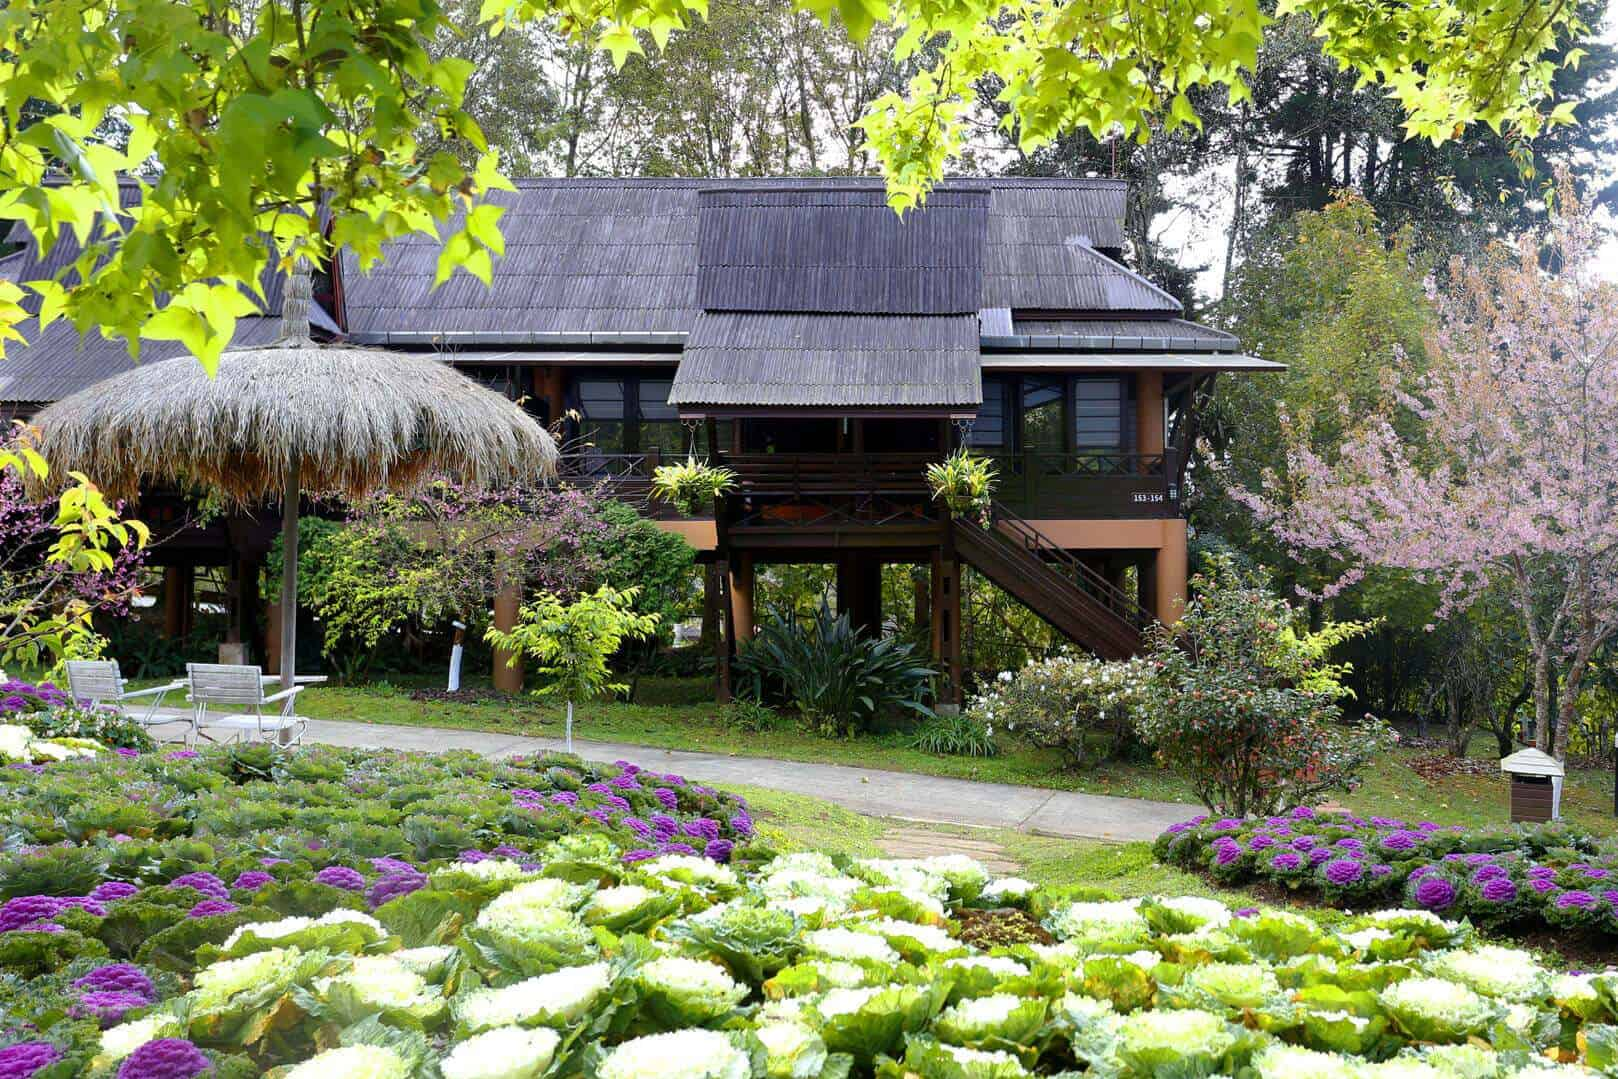 angkhang-nature-resort-chiang-mai-thailand